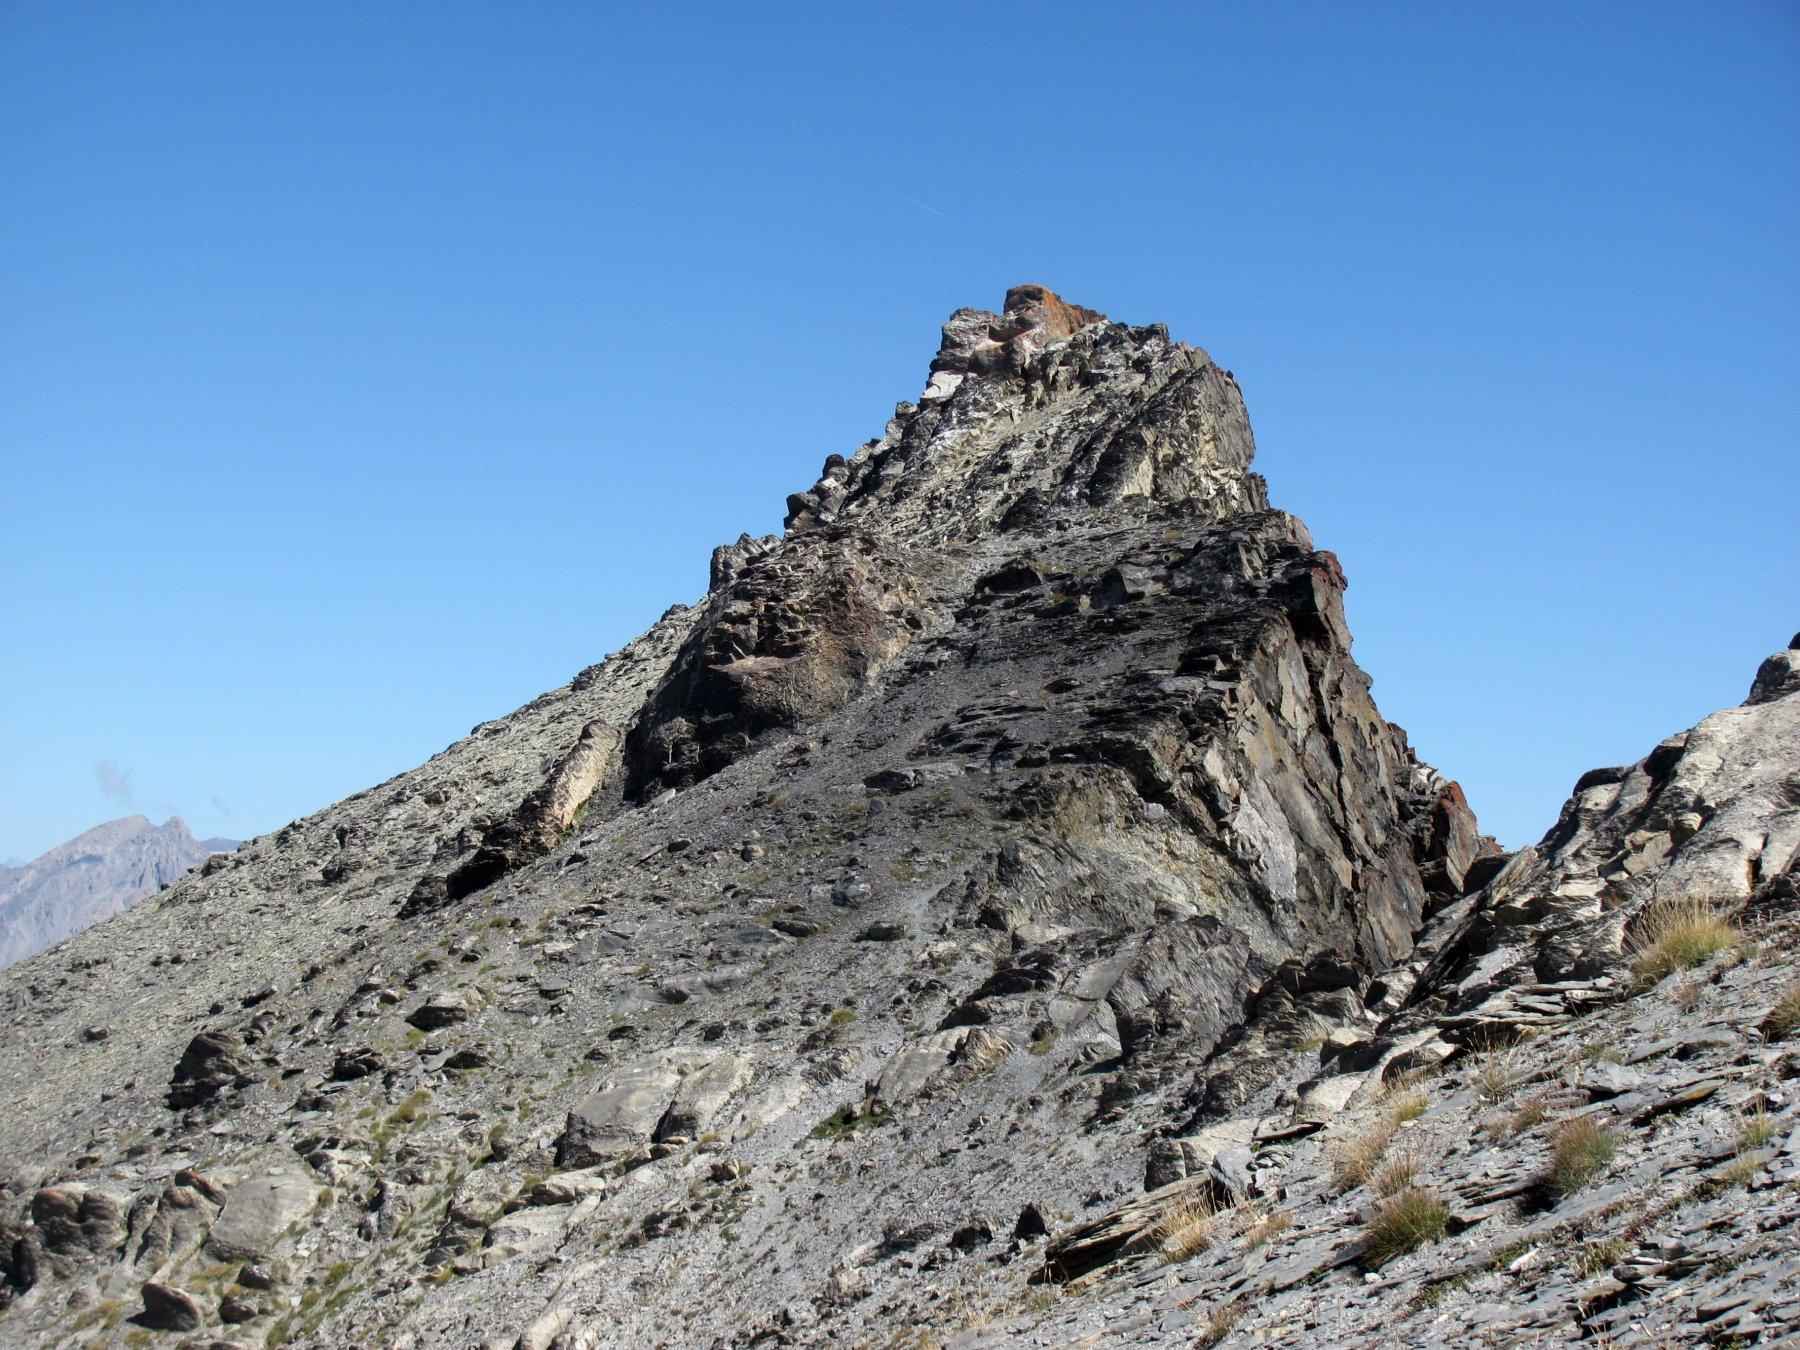 la cima, a sinistra dell'anticima con ometto, con roccia lichenata